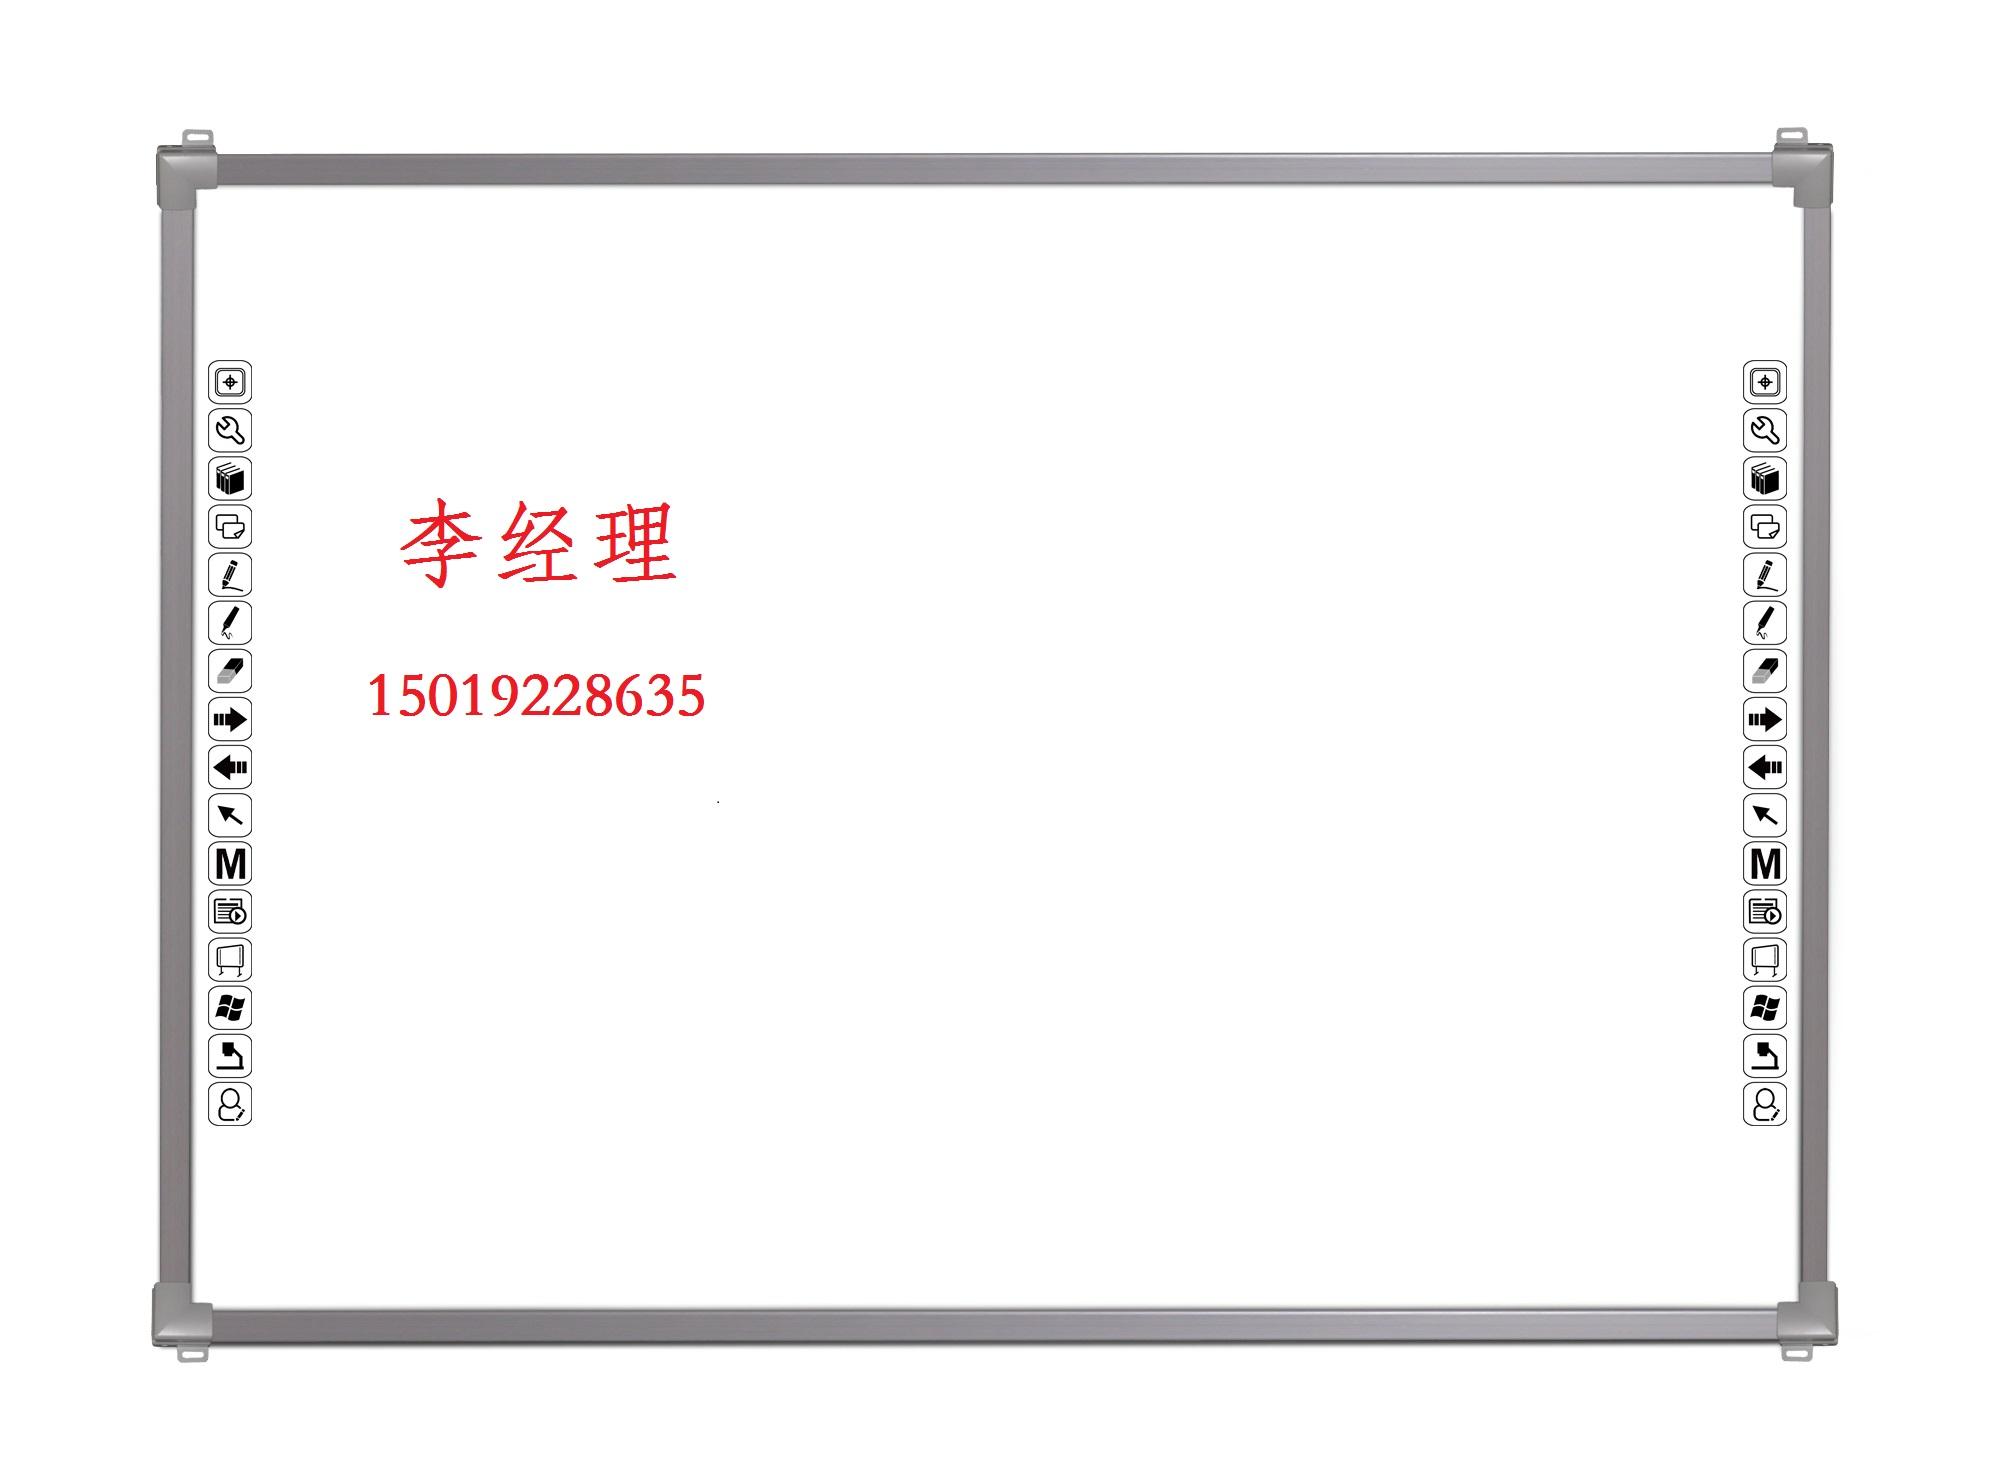 中山电子白板排行榜-电子白板品牌排名前十